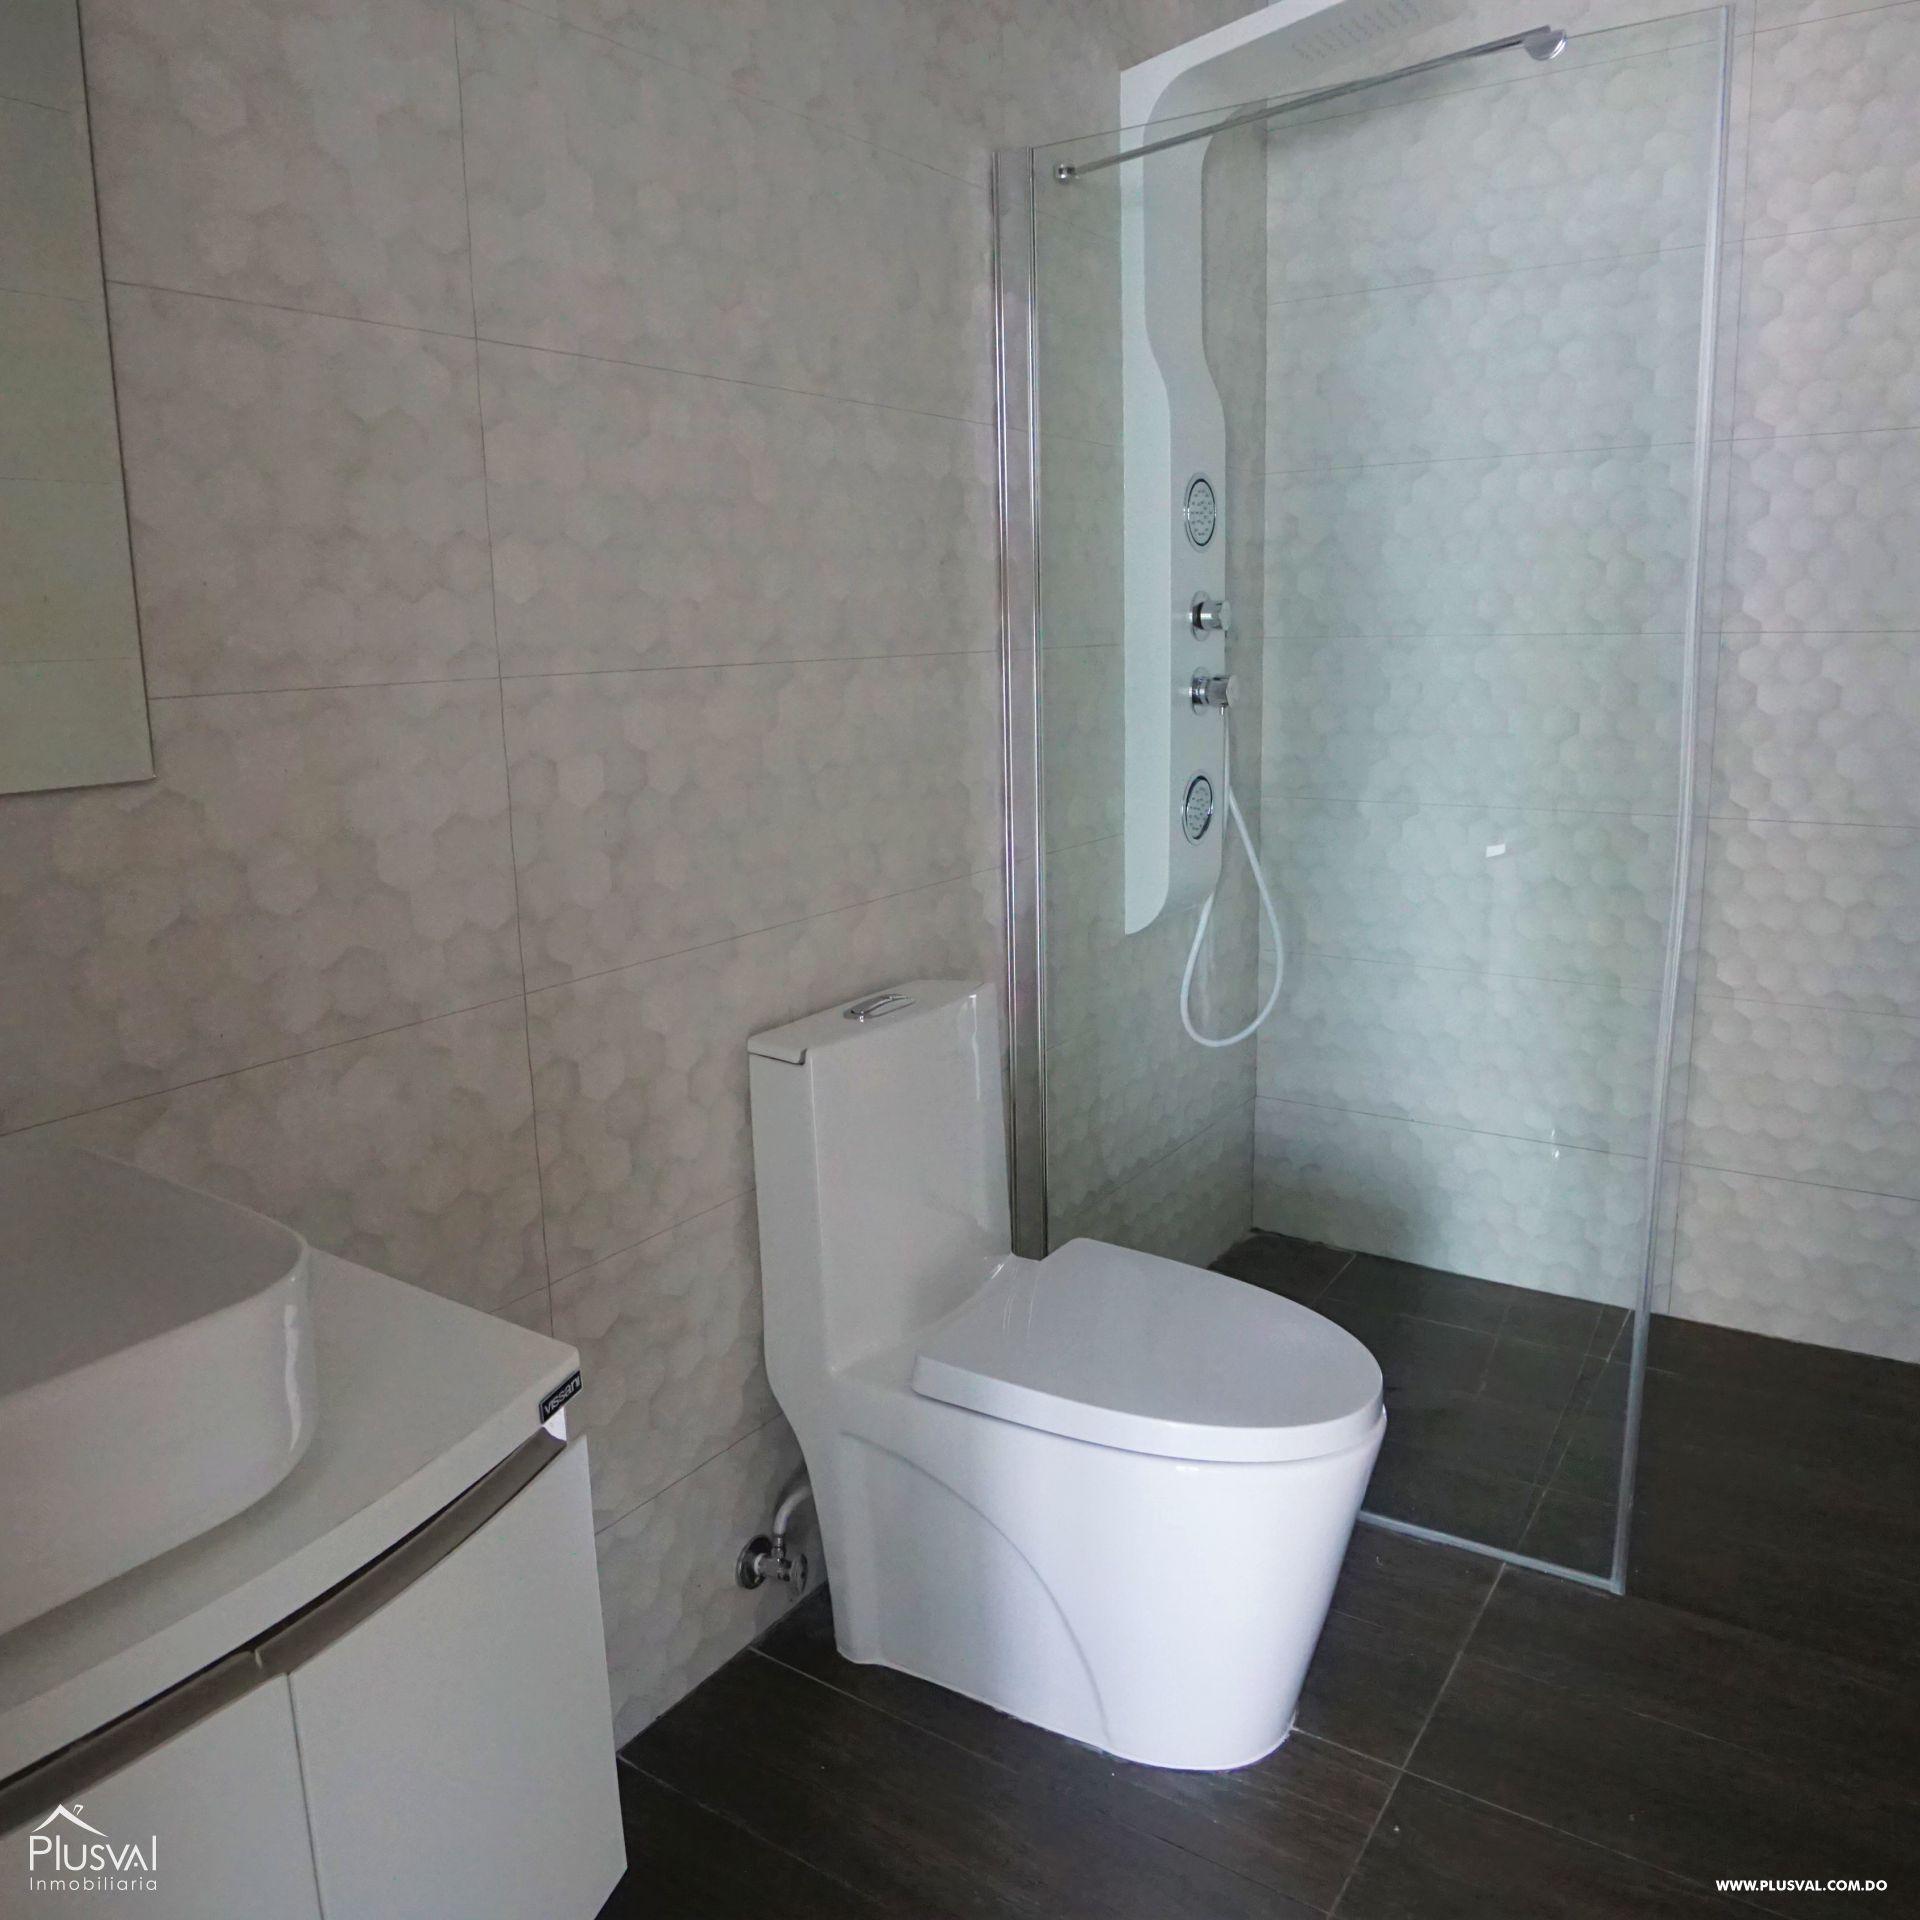 Apartamento en alquiler con linea blanca en Piantini 183088